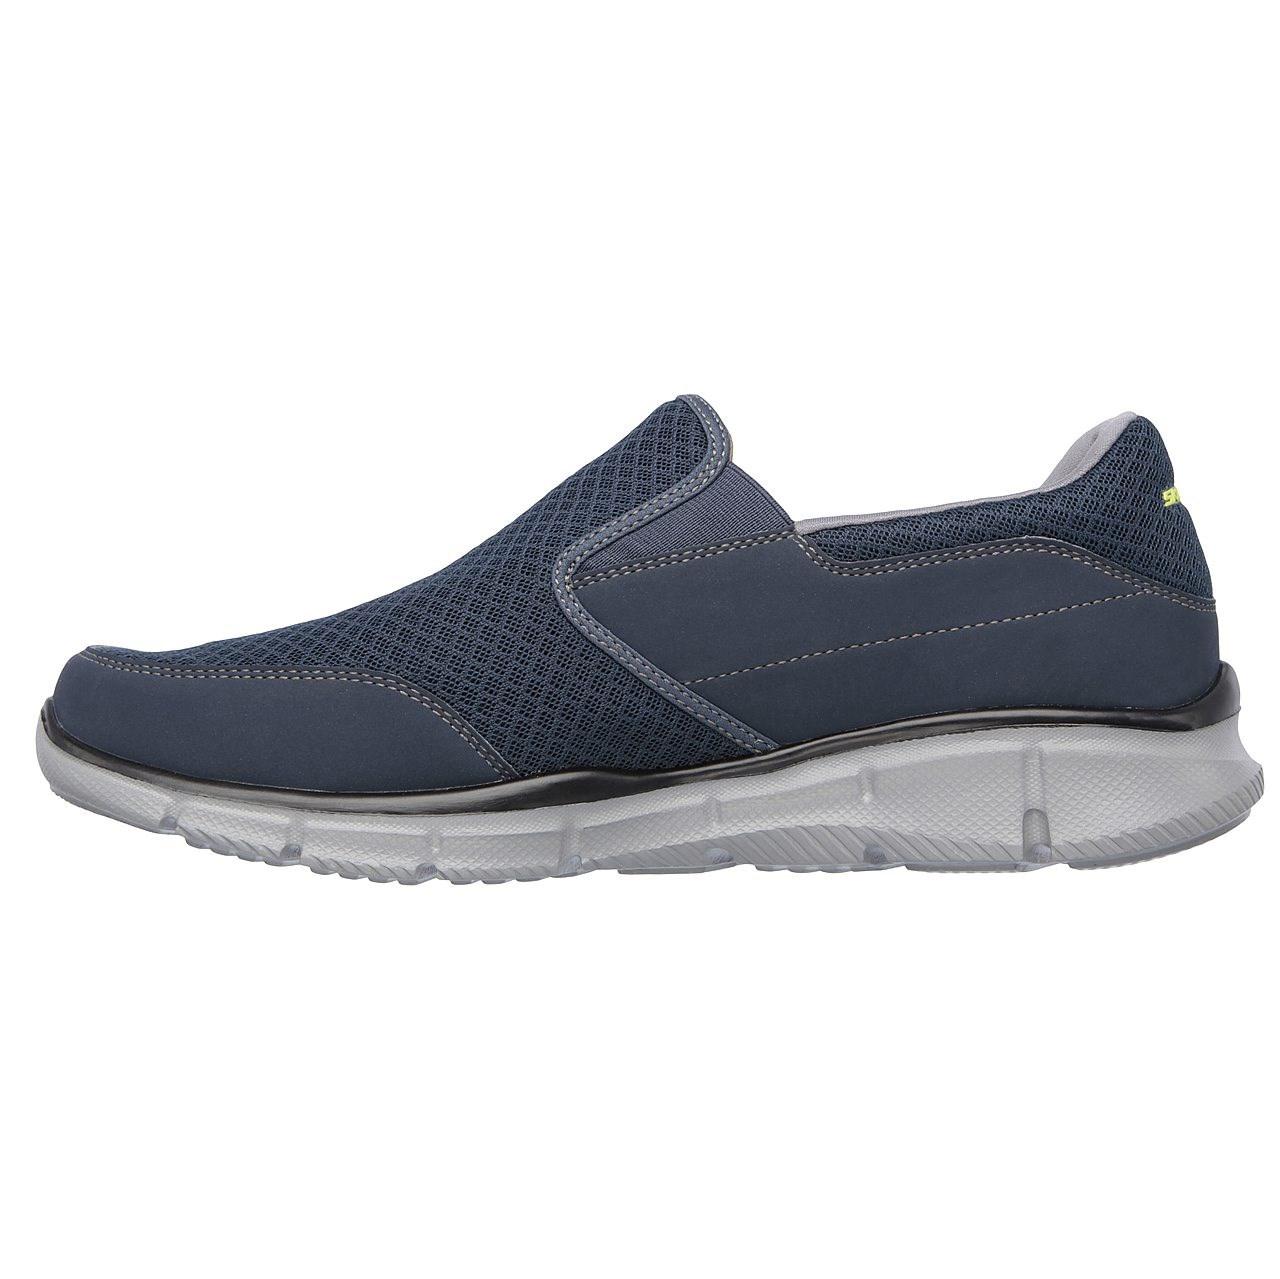 فروش                     کفش راحتی مردانه اسکچرز مدل 51361NVGY